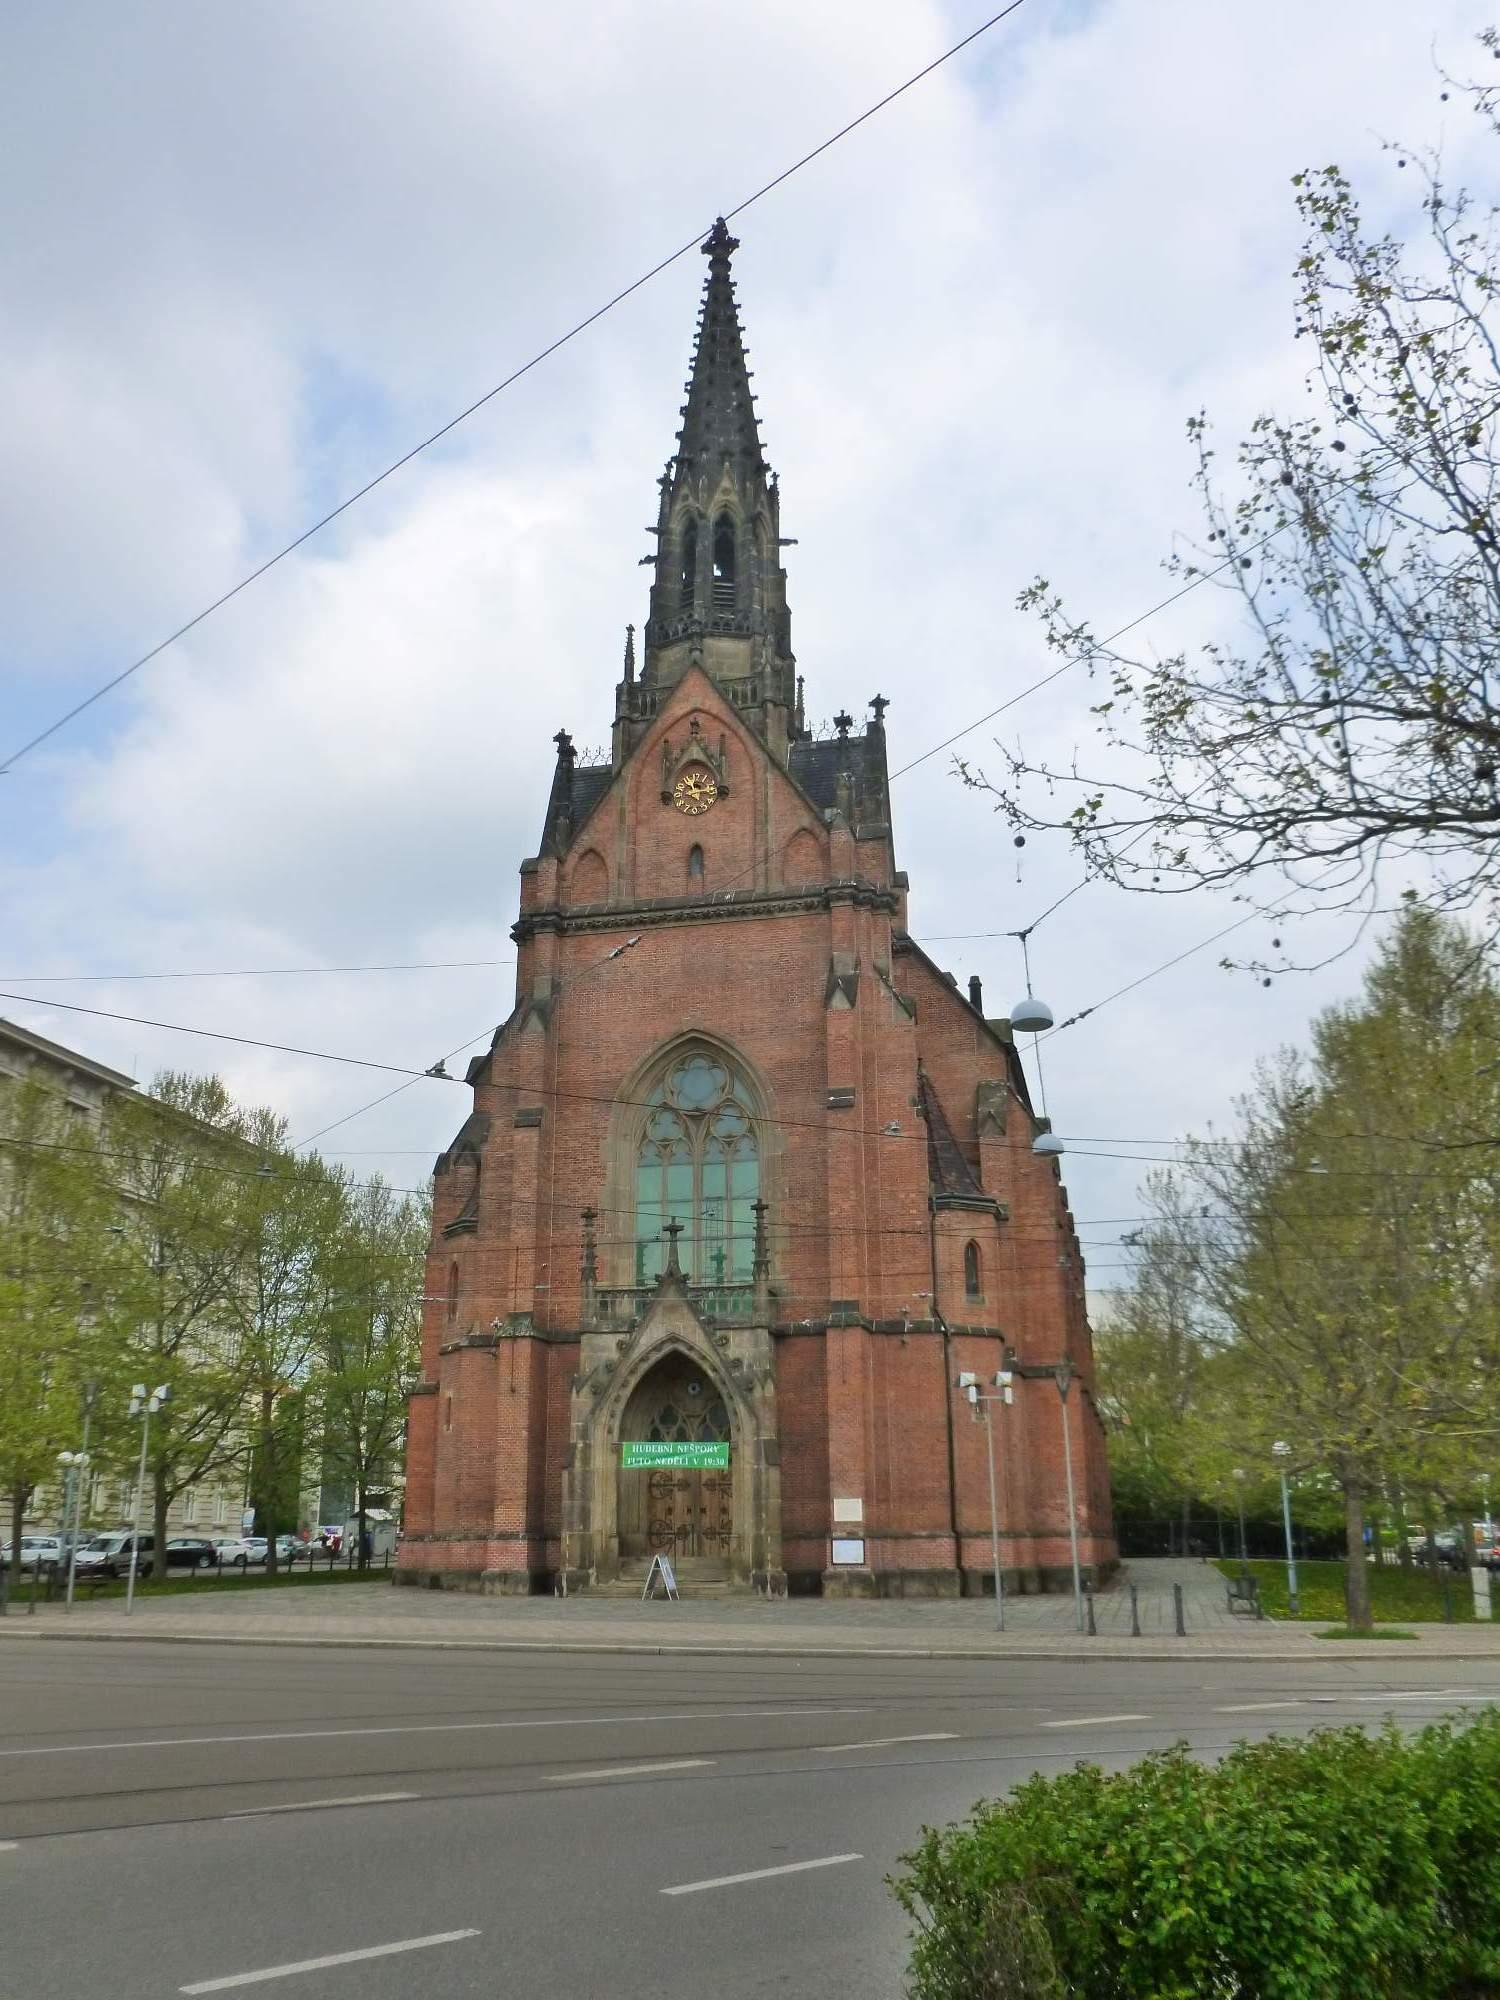 Prohlídka pokračovala k Červenému kostelu, který si nechali postavit němečtí evangelíci a byl otevřen roku 1868. Foto: Kristýna Hortvíková